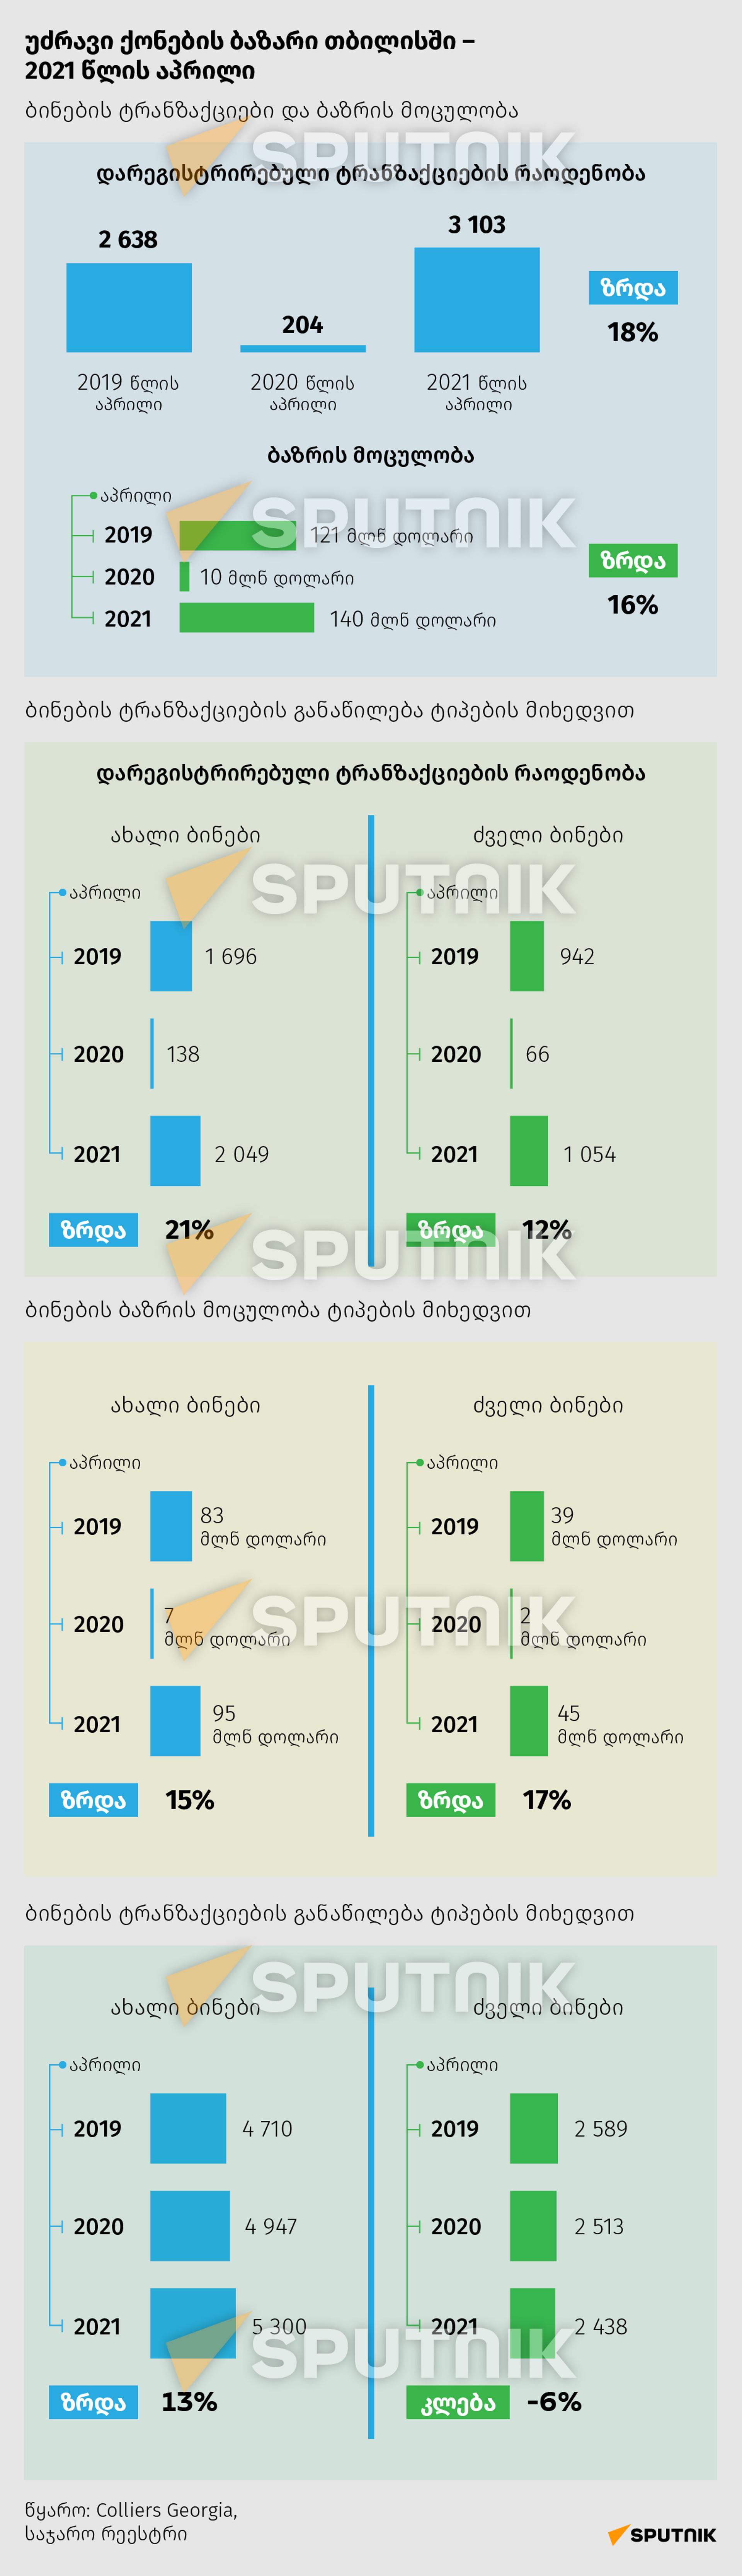 უძრავი ქონების ბაზარი თბილისში - 2021 წლის აპრილი - Sputnik საქართველო, 1920, 18.06.2021